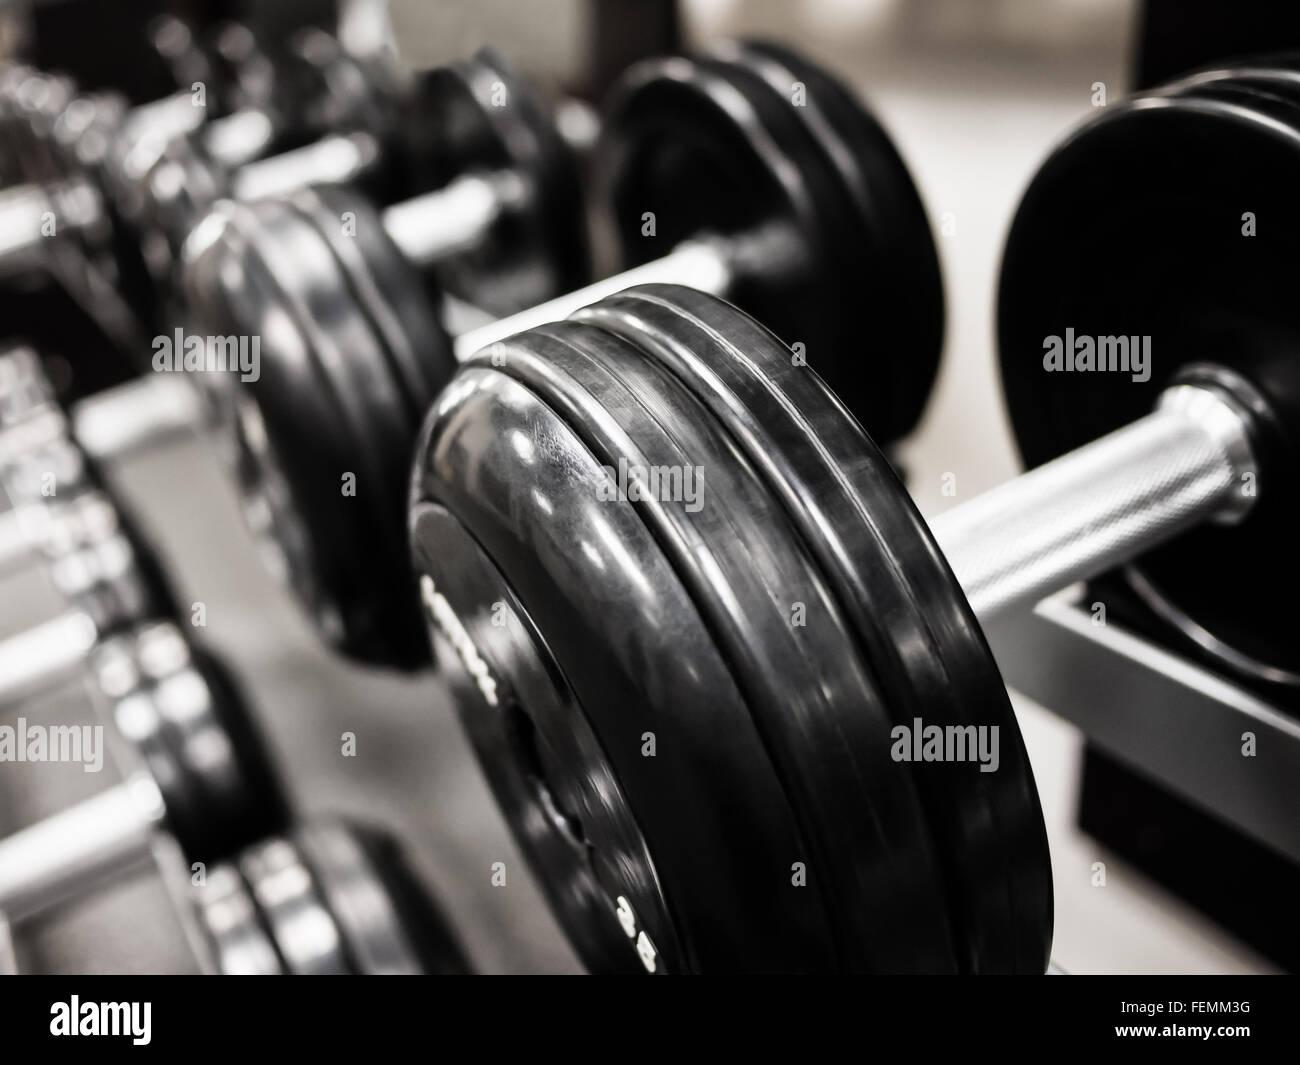 Contrapesos pesa sobre un estante en un health club gimnasio Foto de stock